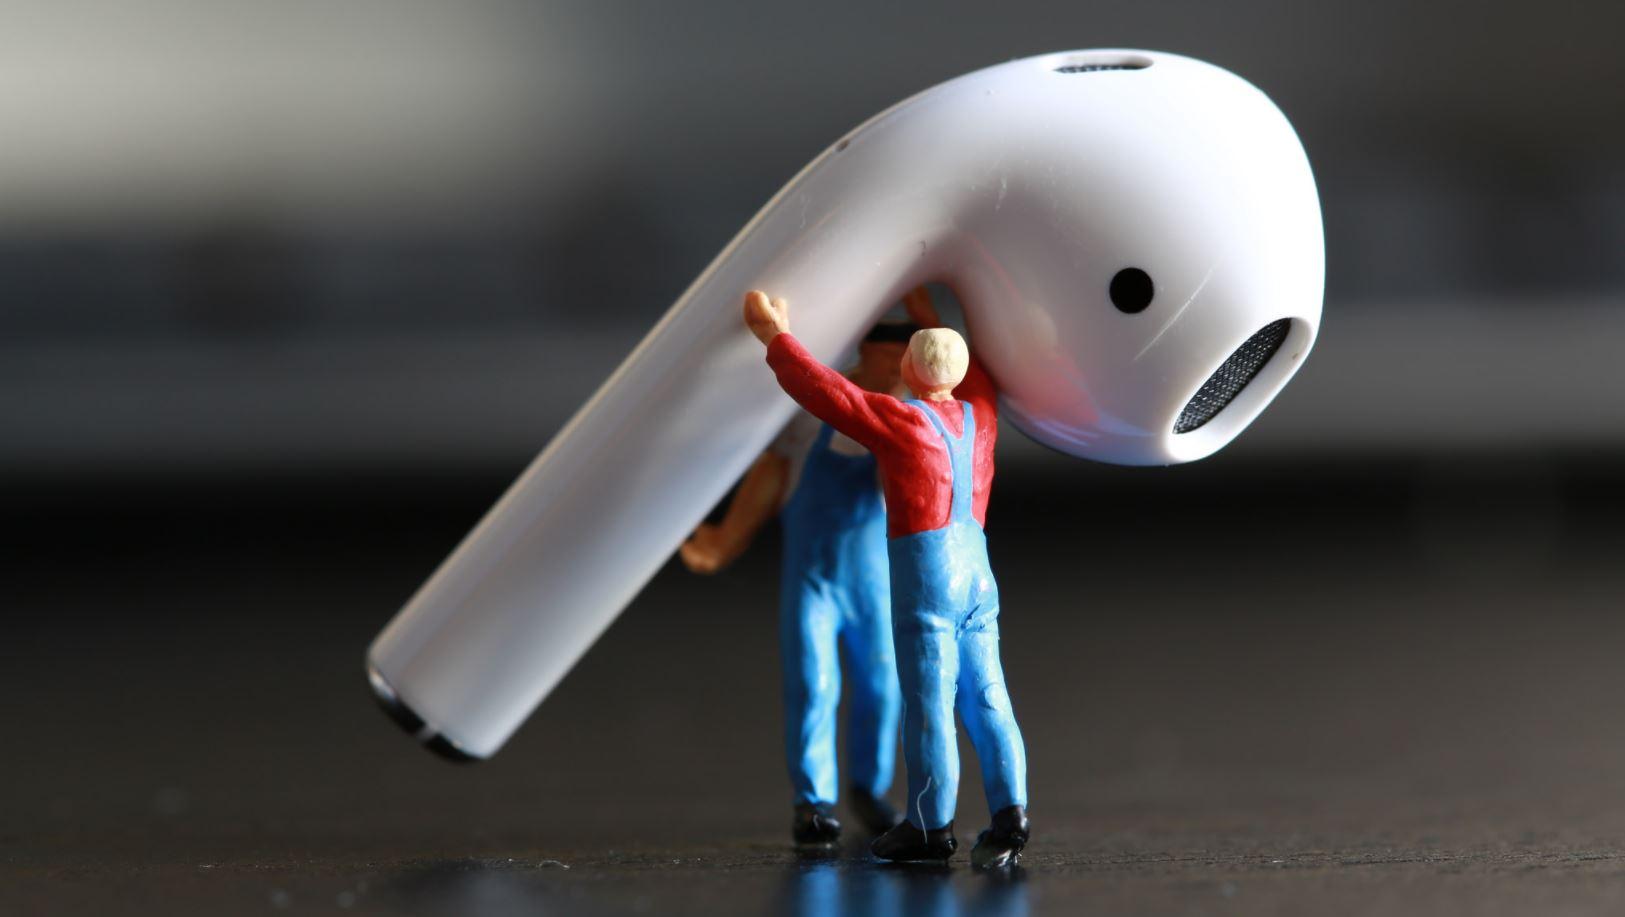 AirPodsを家事と育児に活用してみて気づいたメリット